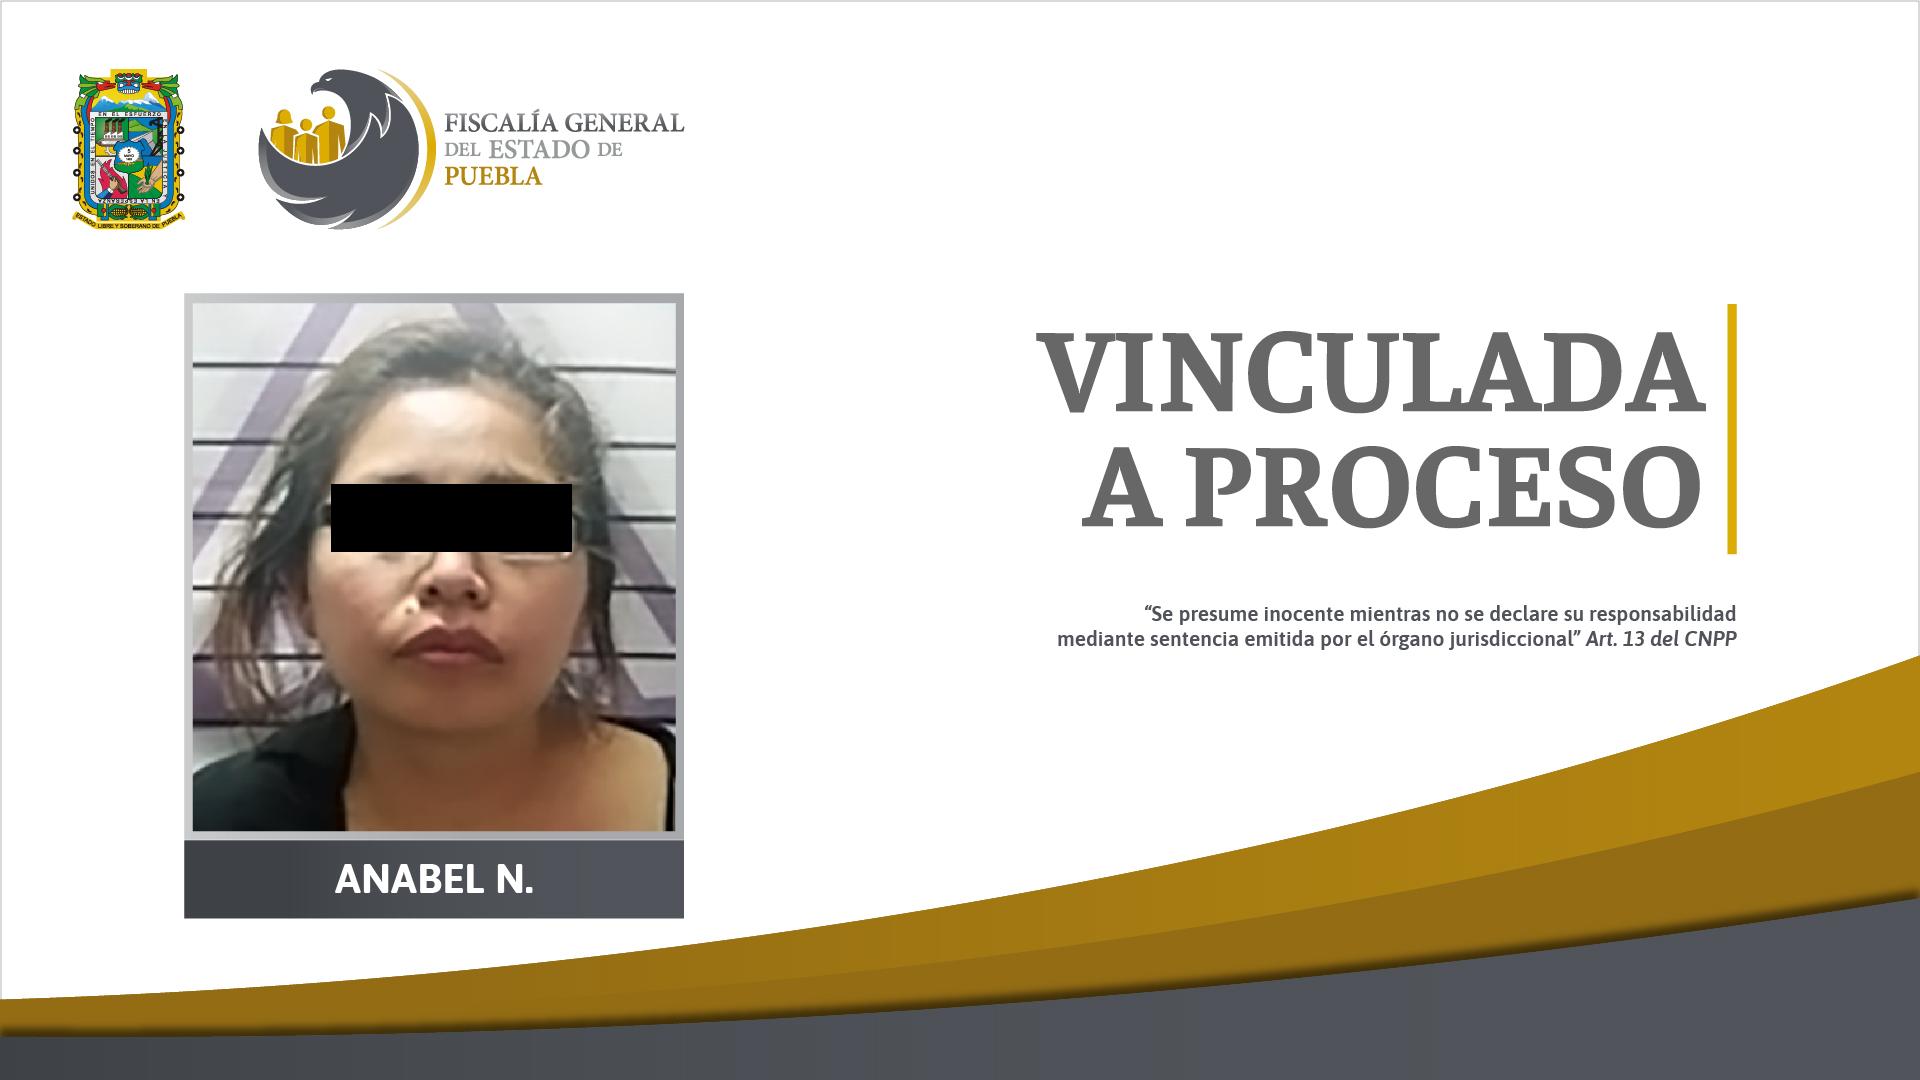 Su esposo la contagió de VIH y en venganza mató a sus hijos en Chignahuapan